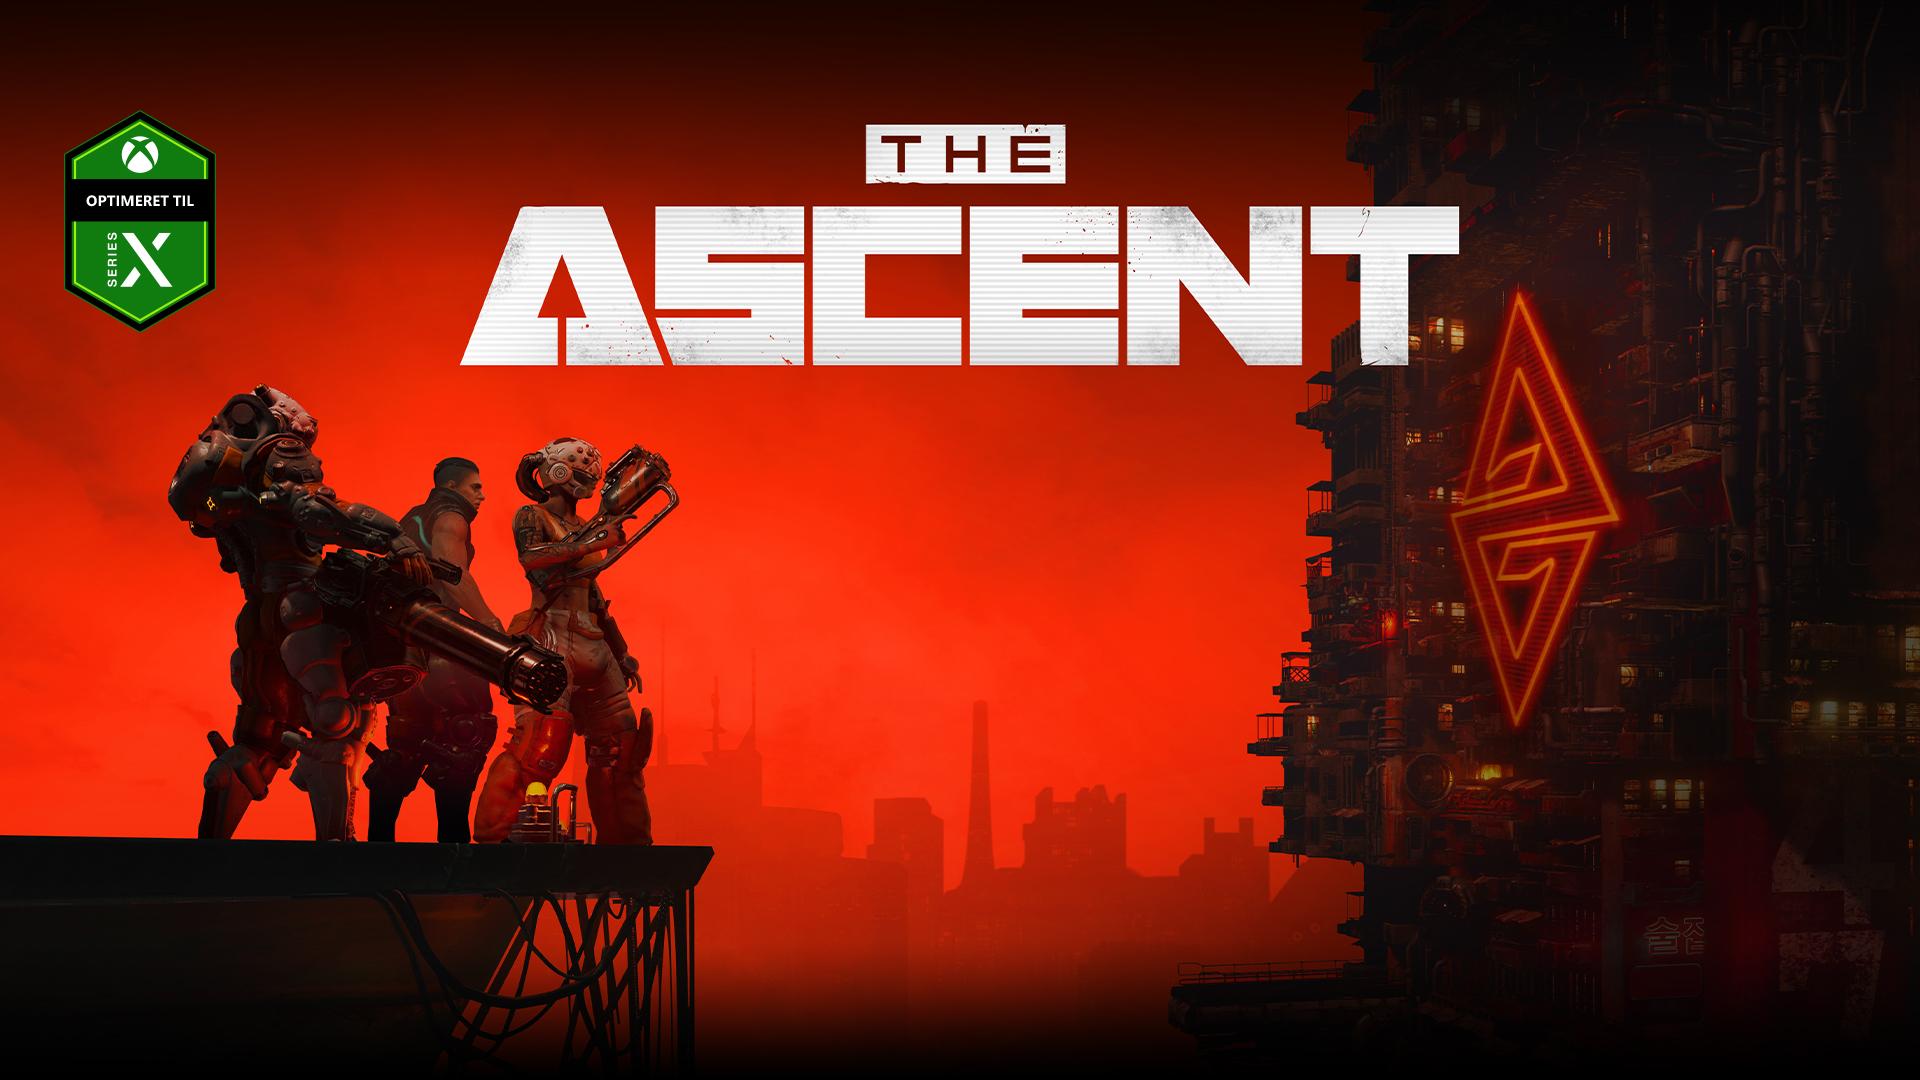 The Ascent, Optimeret til Xbox Series X, Tre karakterer står på en platform og kigger ud over en stor industribygning i cyberpunk-stil